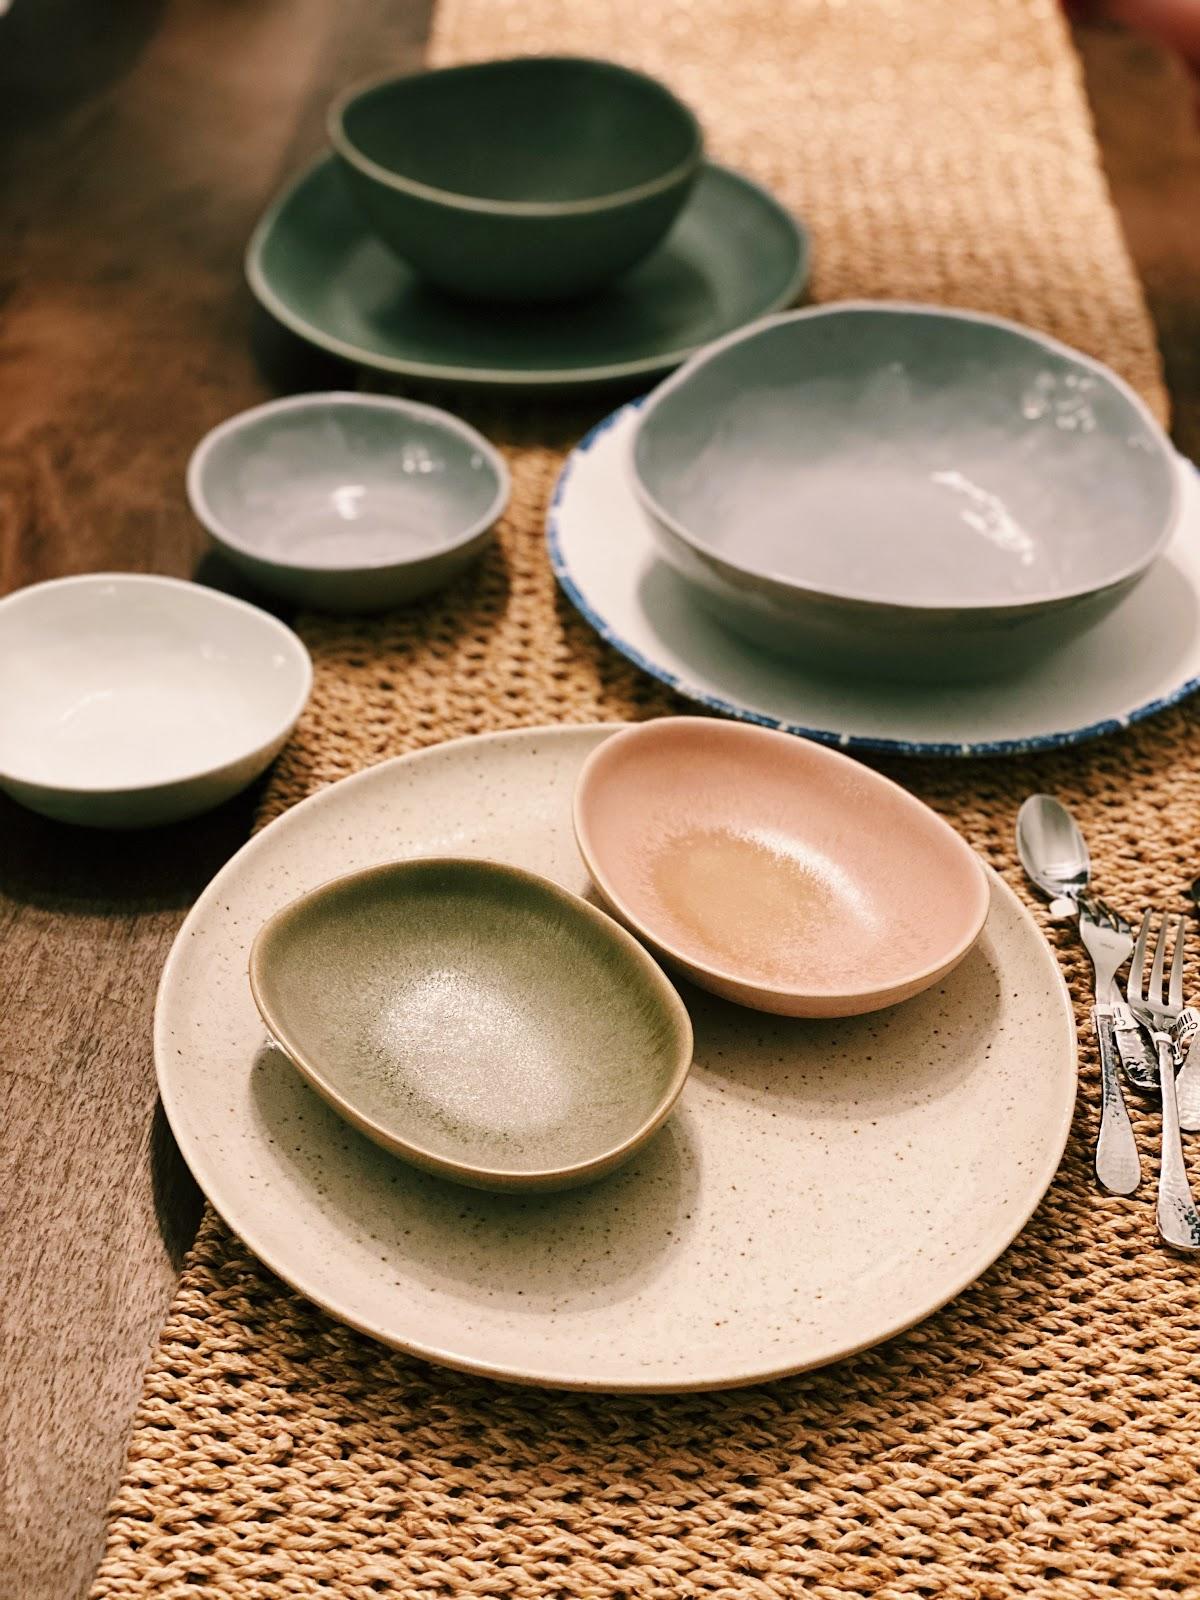 kitchenware haul